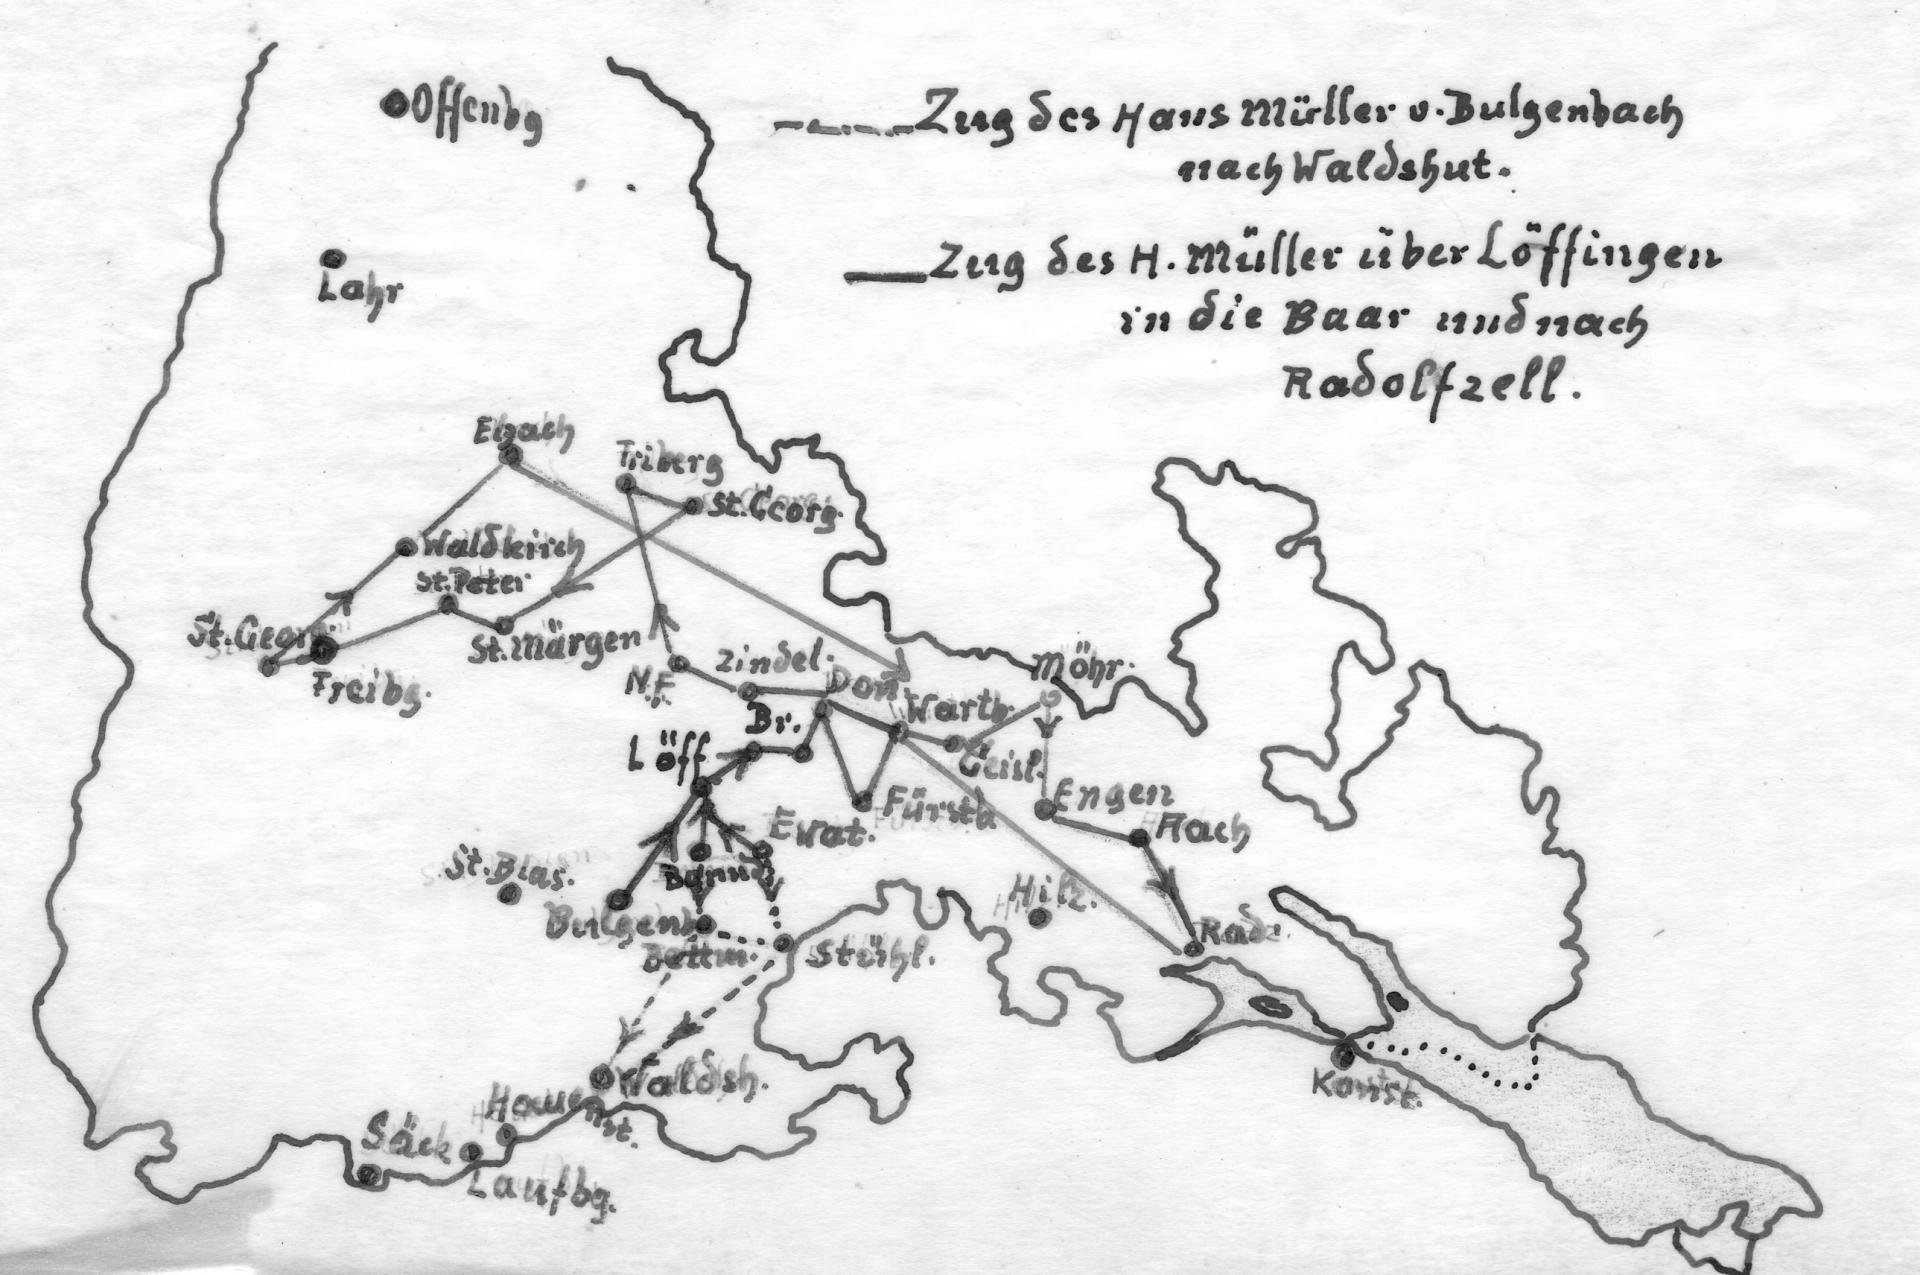 Zug des Hans Müller